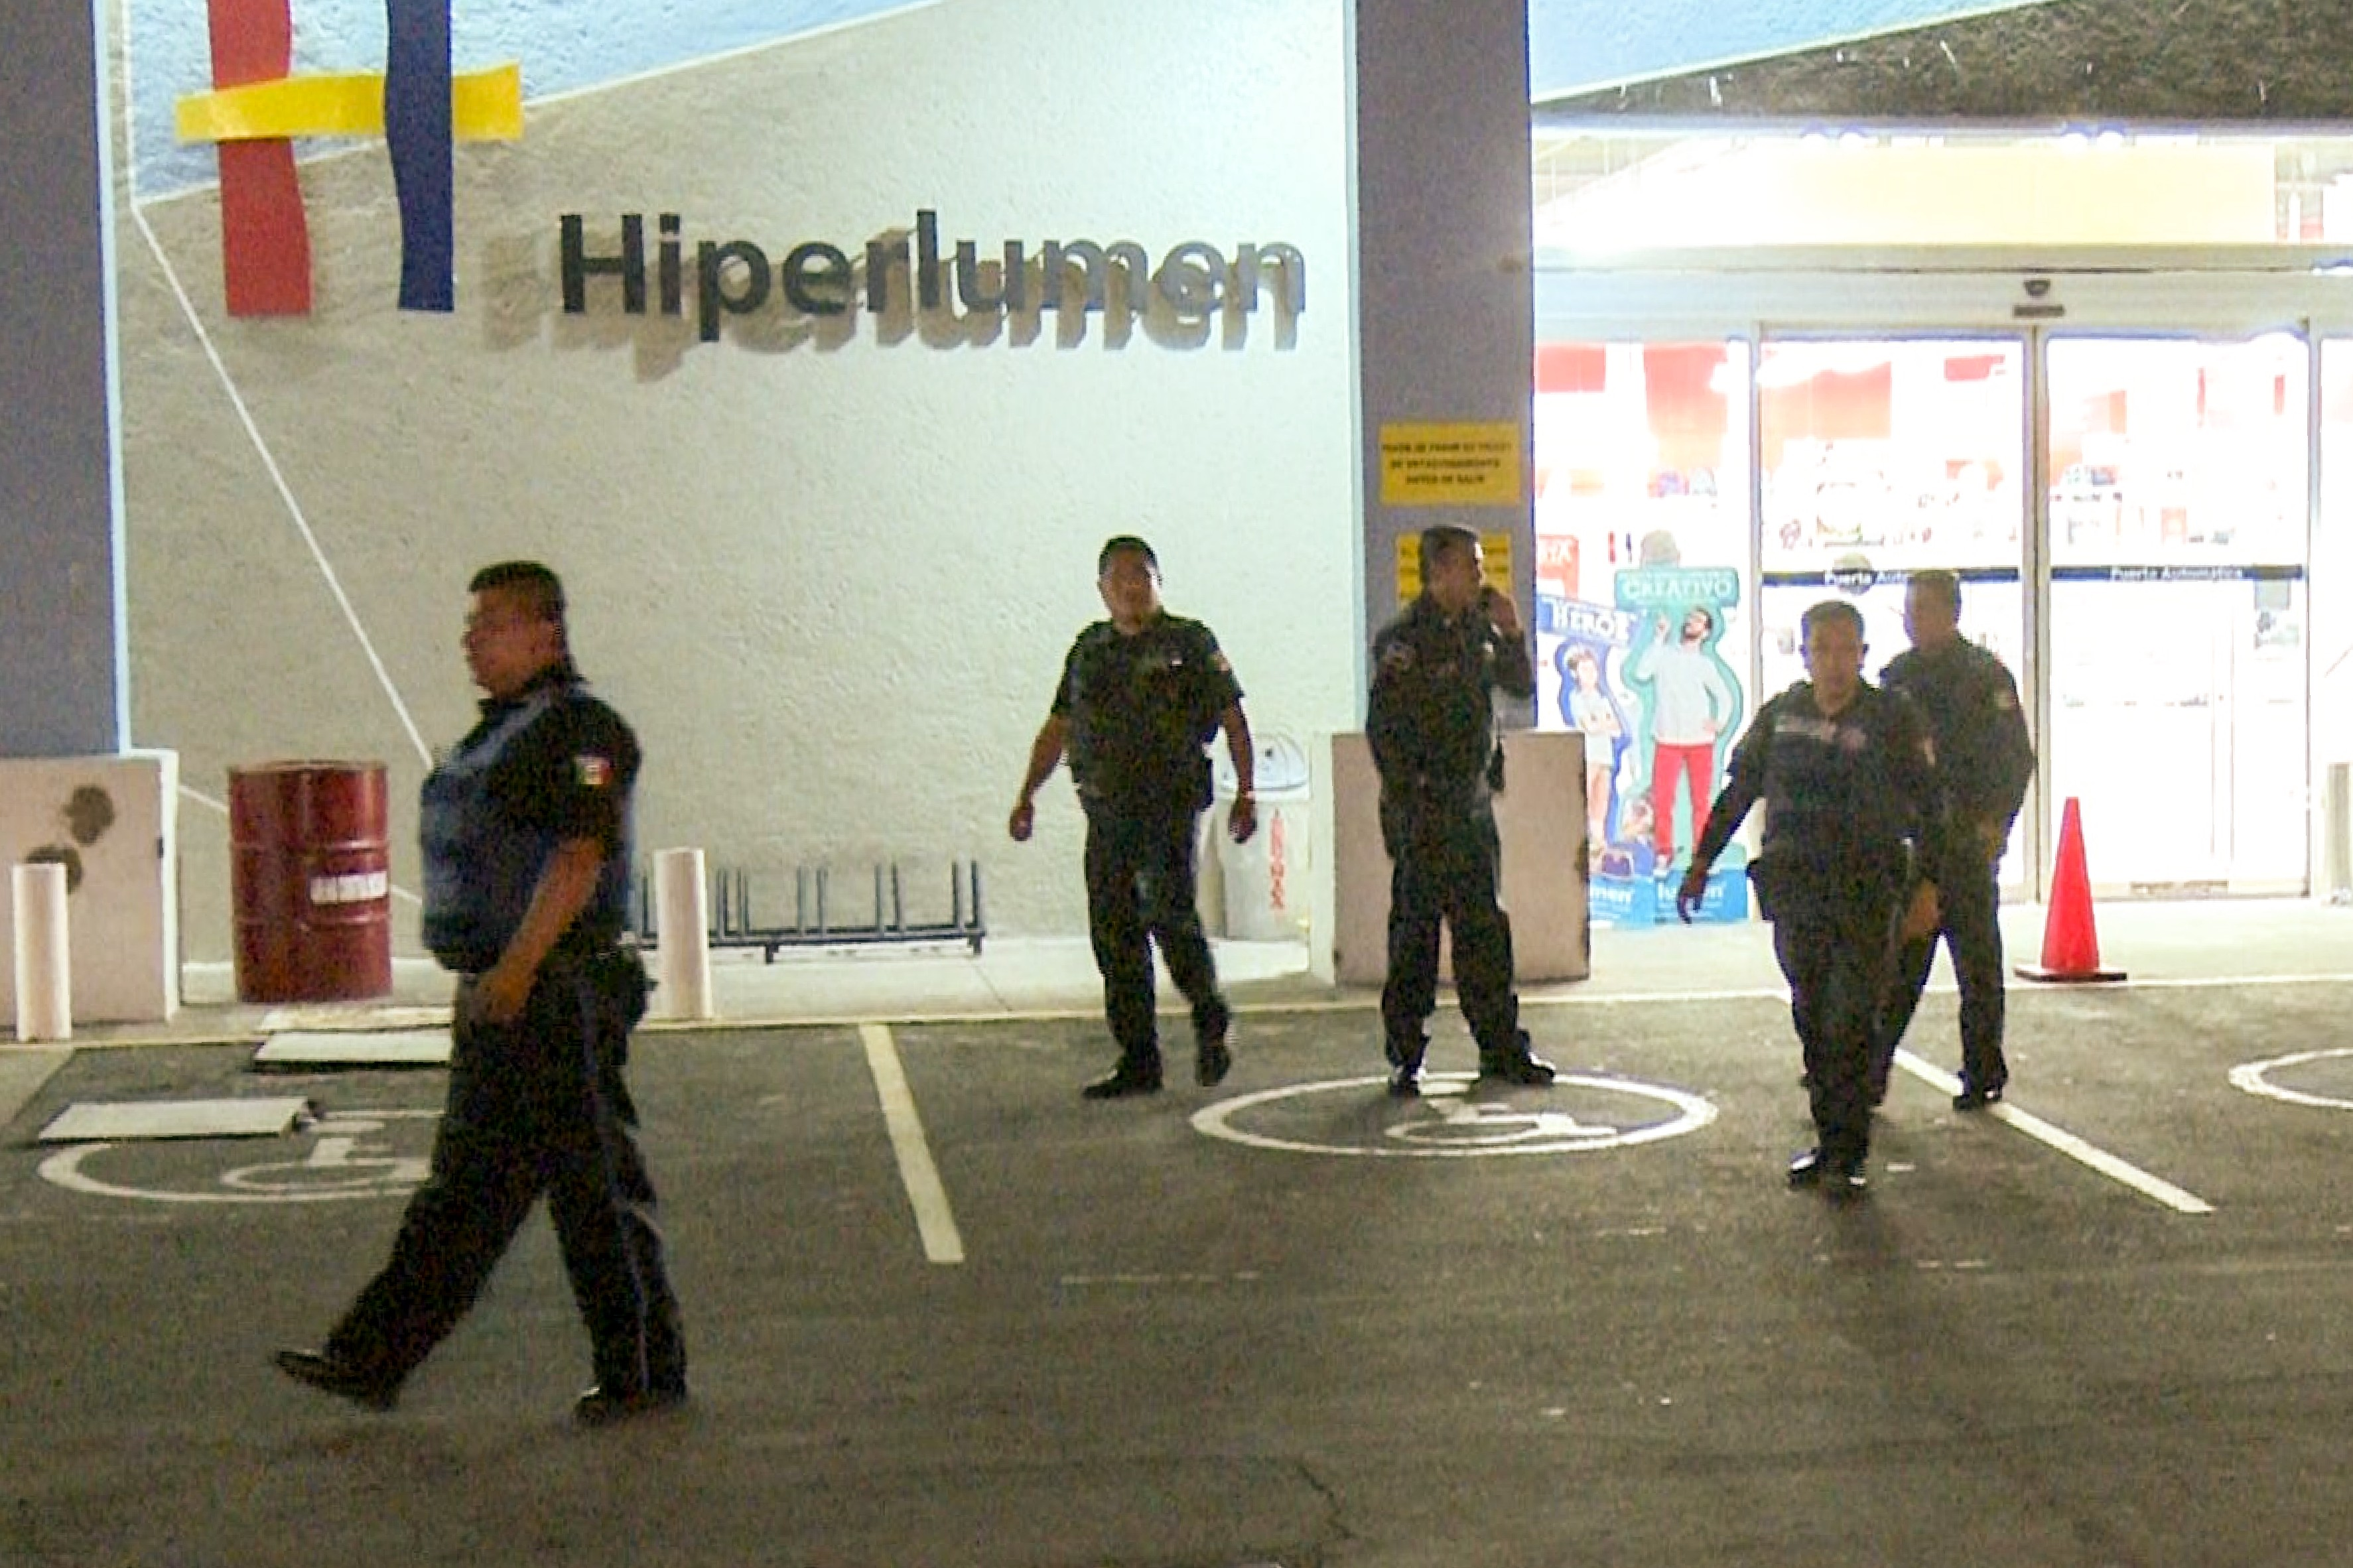 Pistola en mano atracan la tienda Hiperlumen de El Carmen